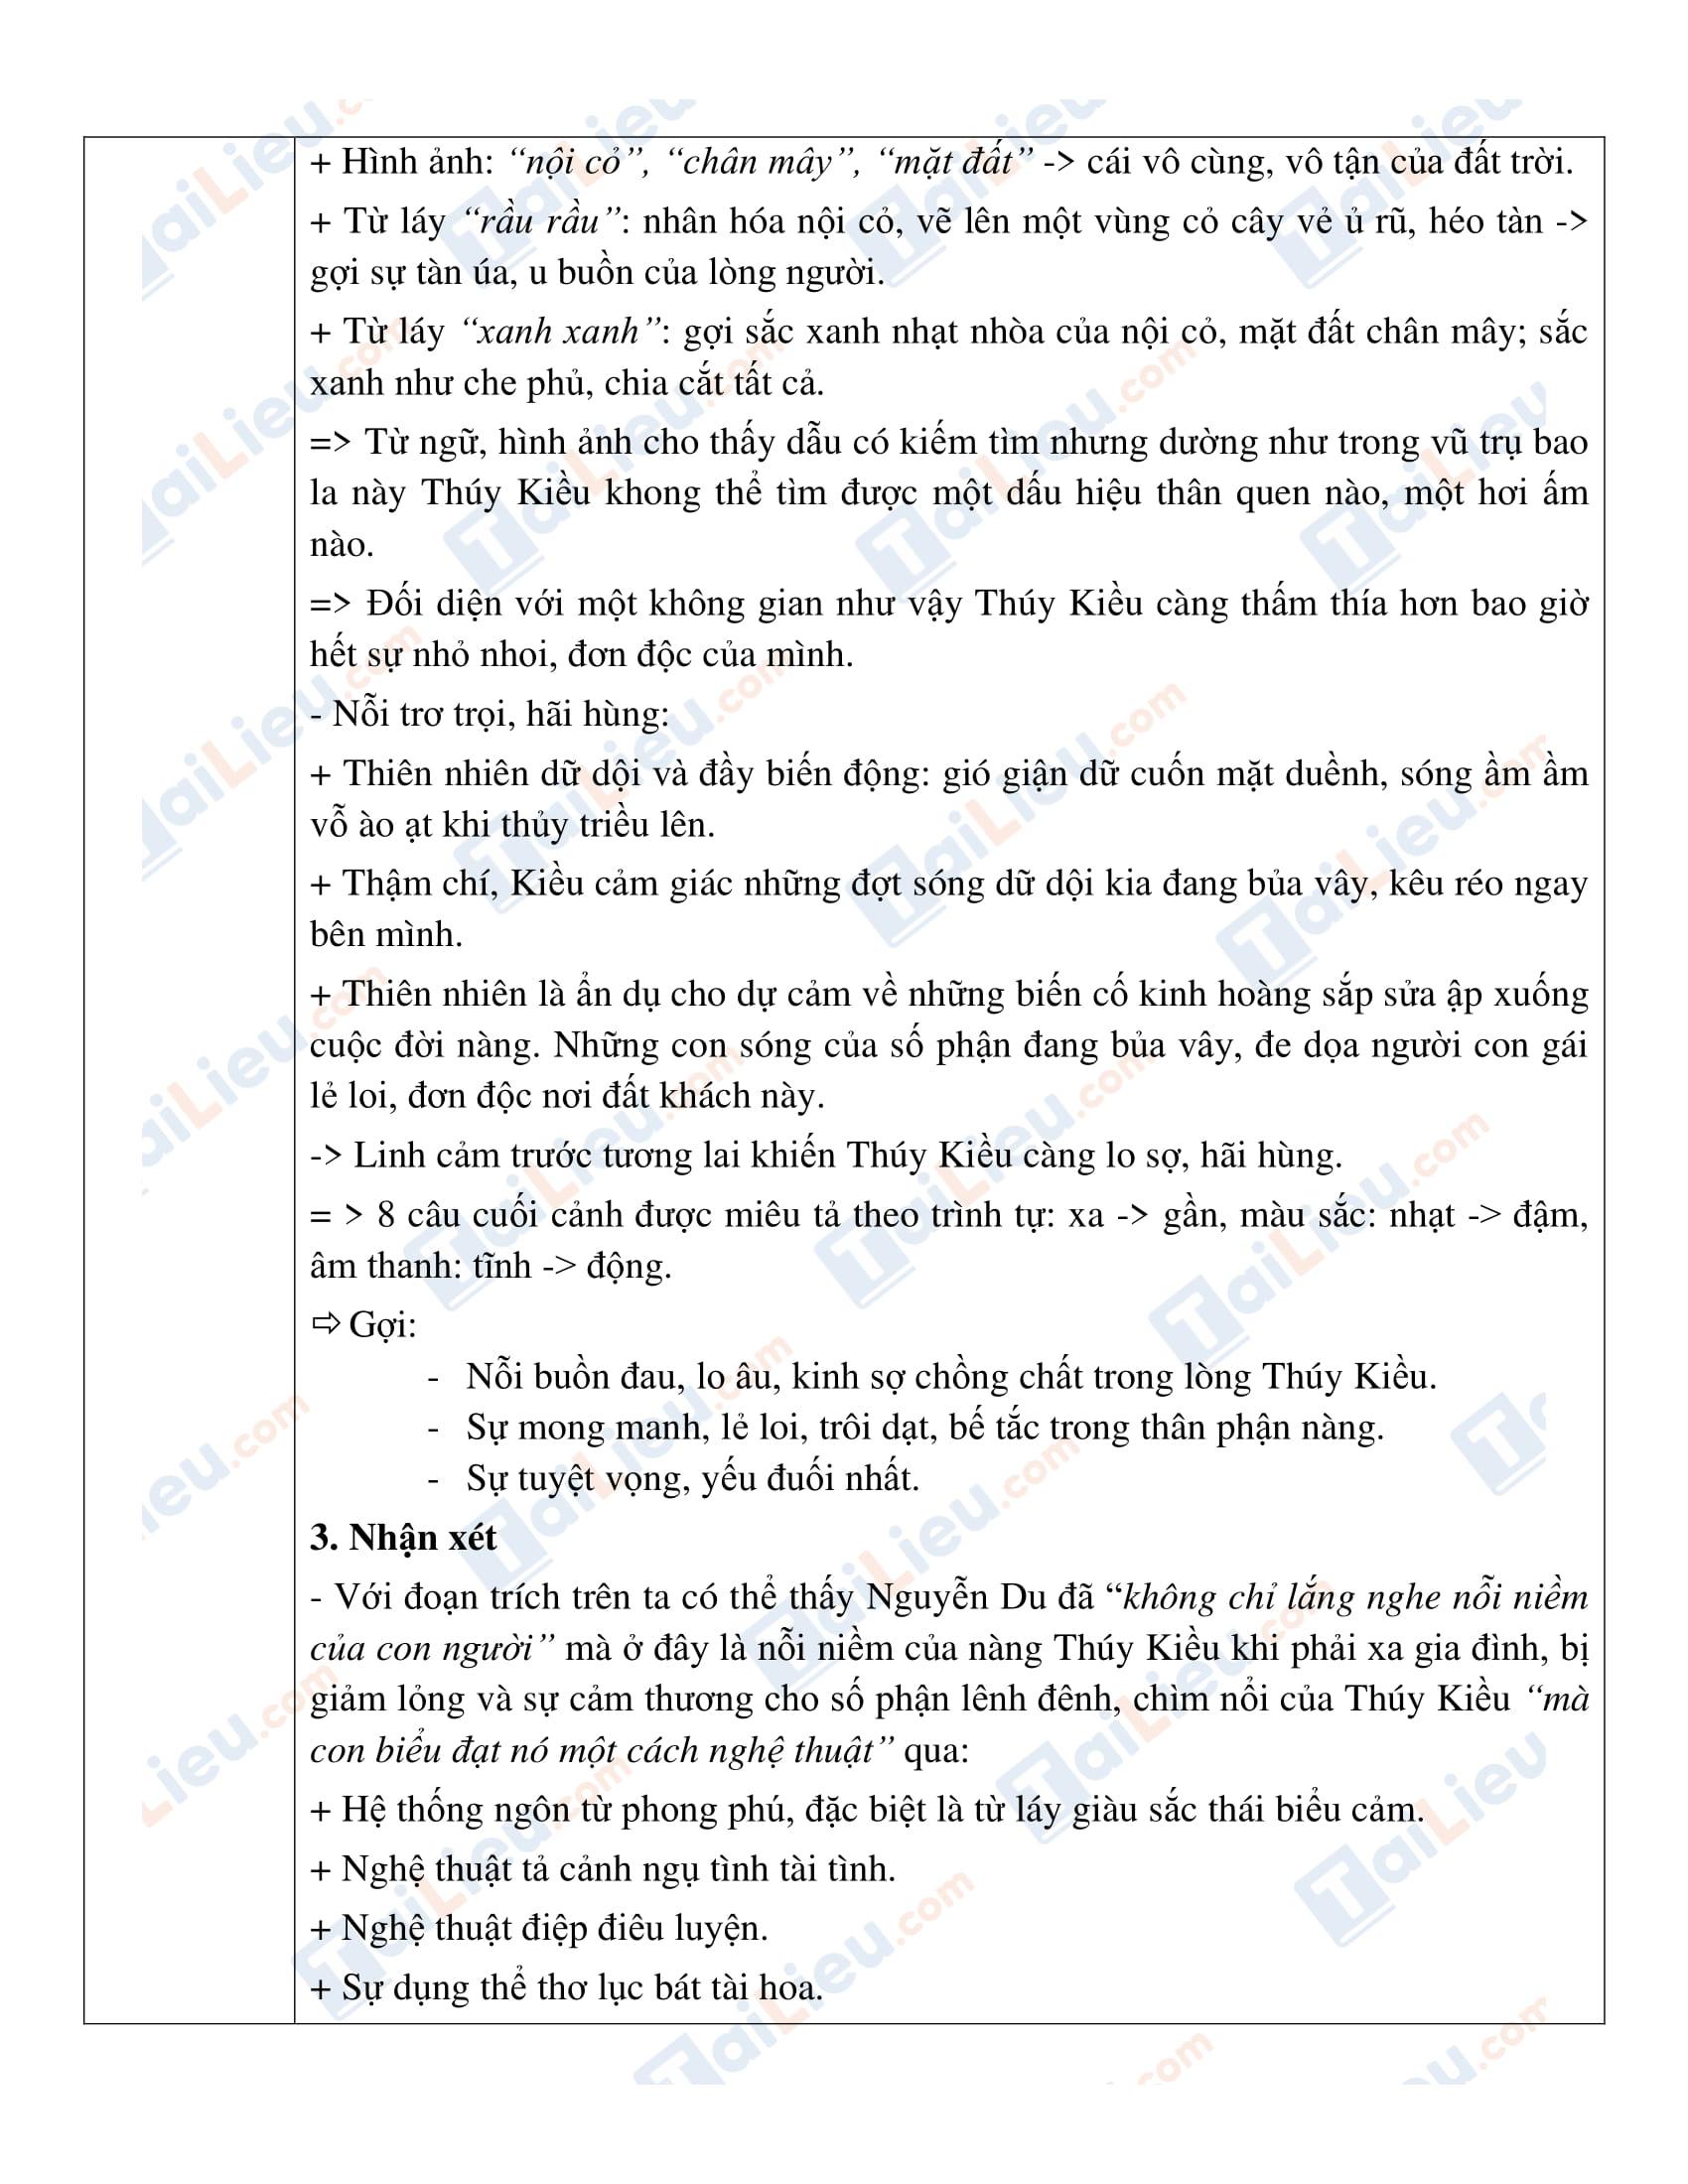 Đáp án môn Văn thi vào 10 Nam Định năm 2020_4